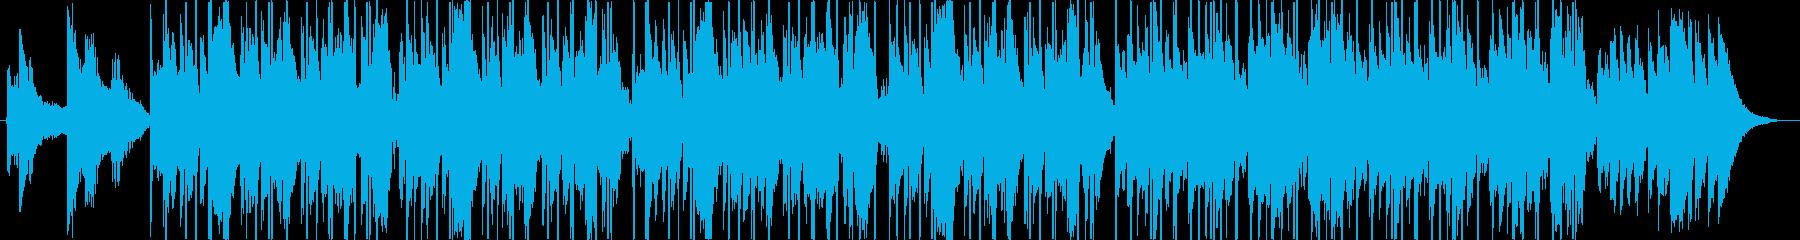 メロウなヒップホップ CM向けの再生済みの波形